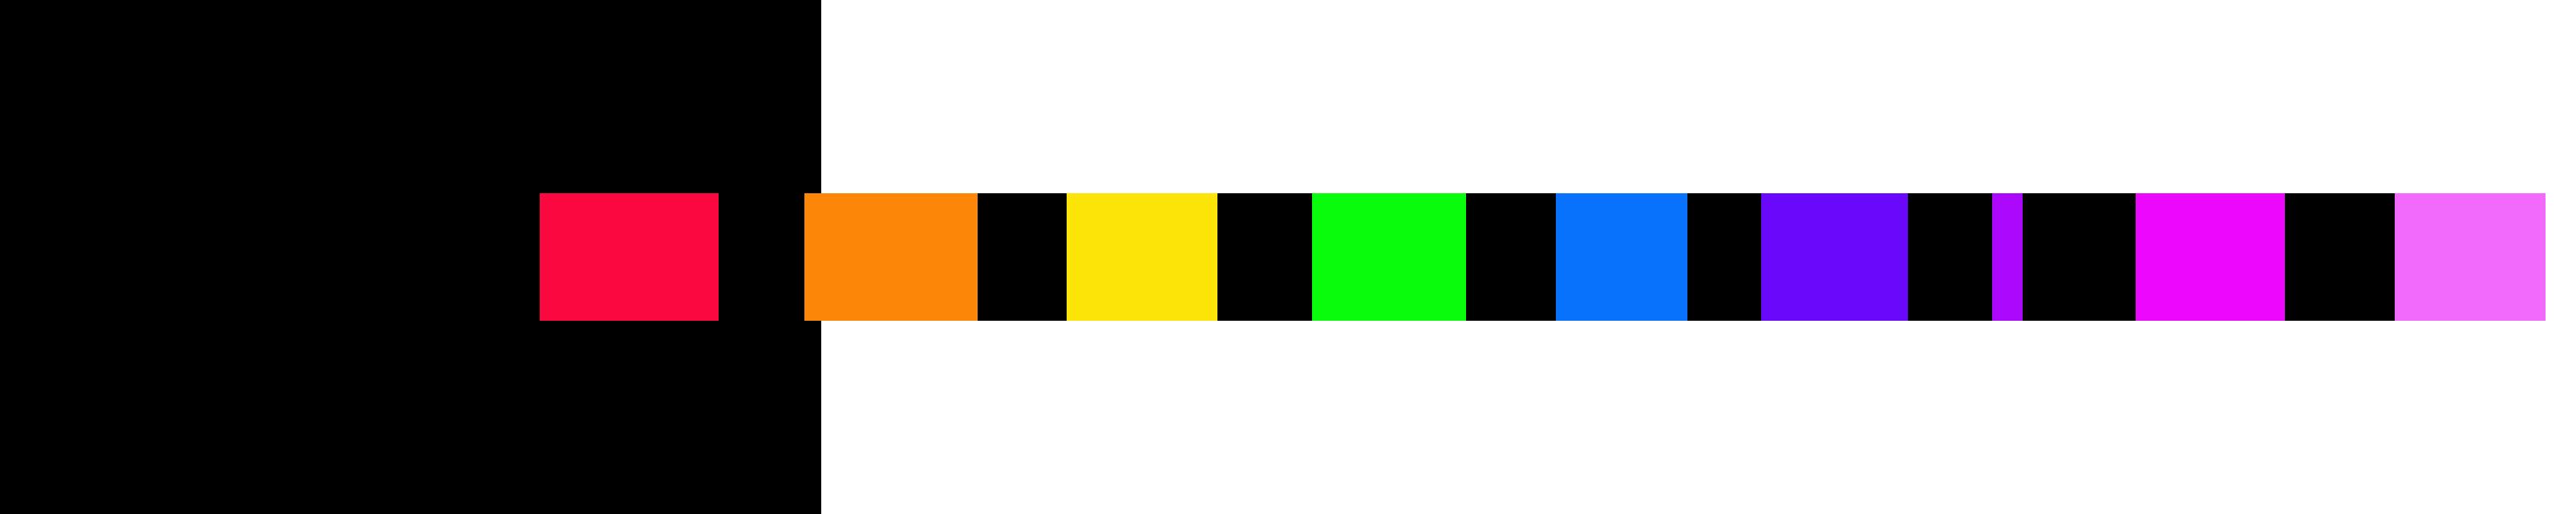 bxm full name logo pride